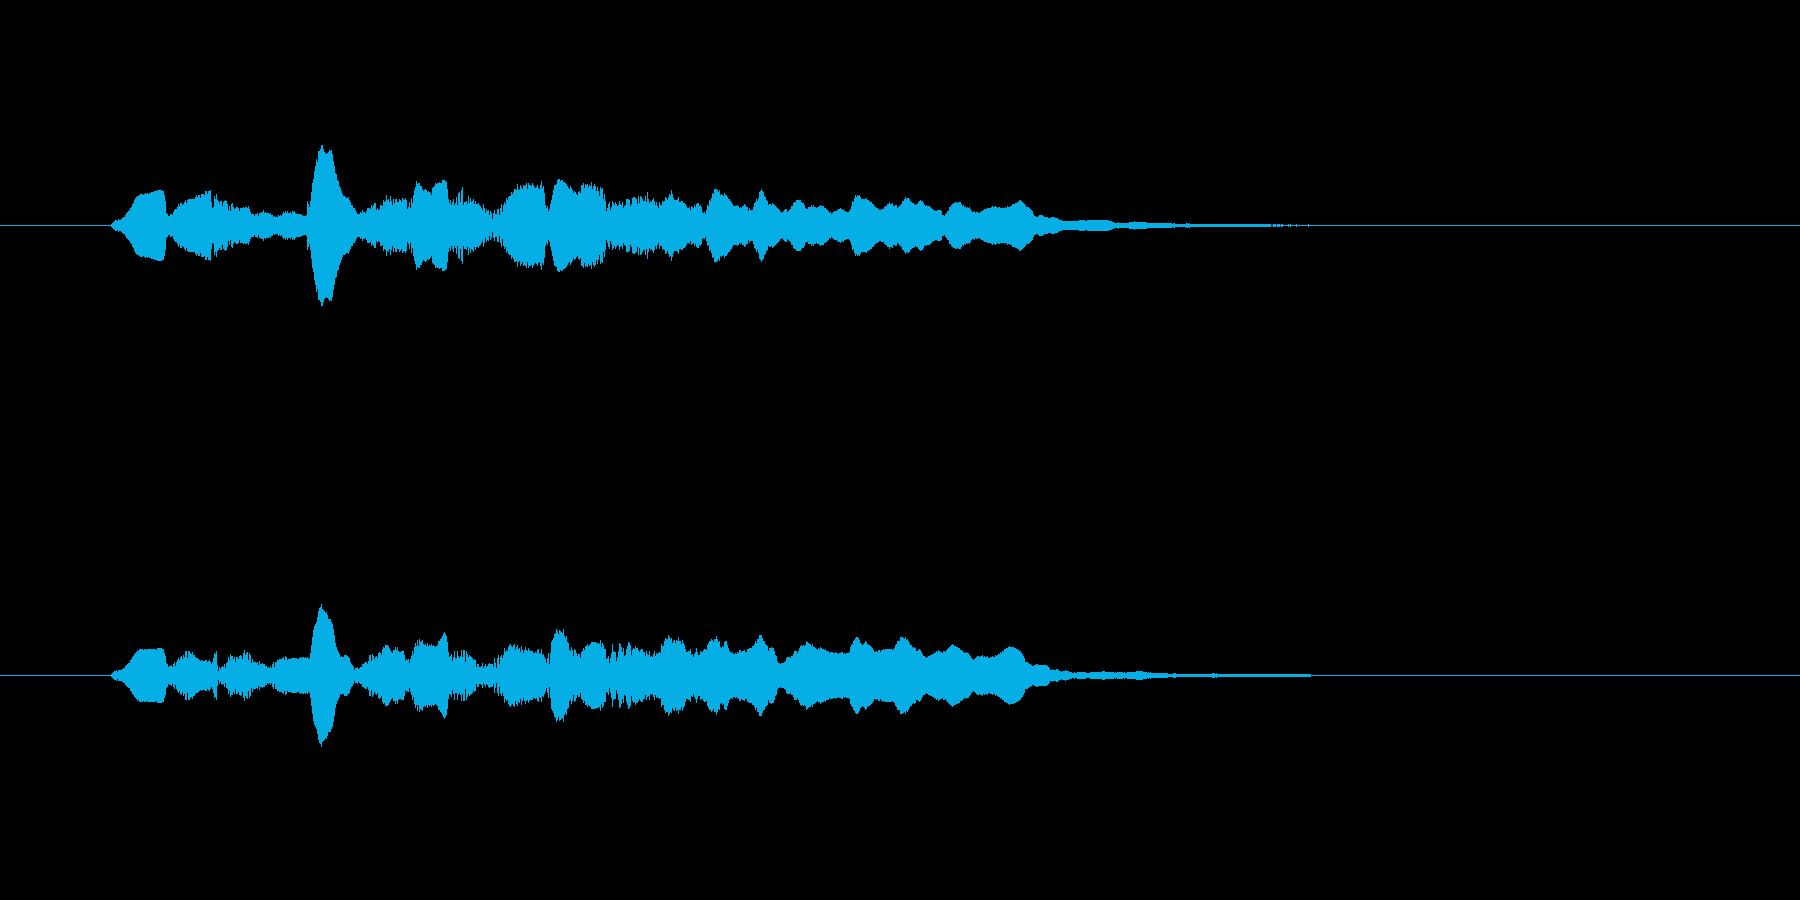 幻想的な笛の音の再生済みの波形